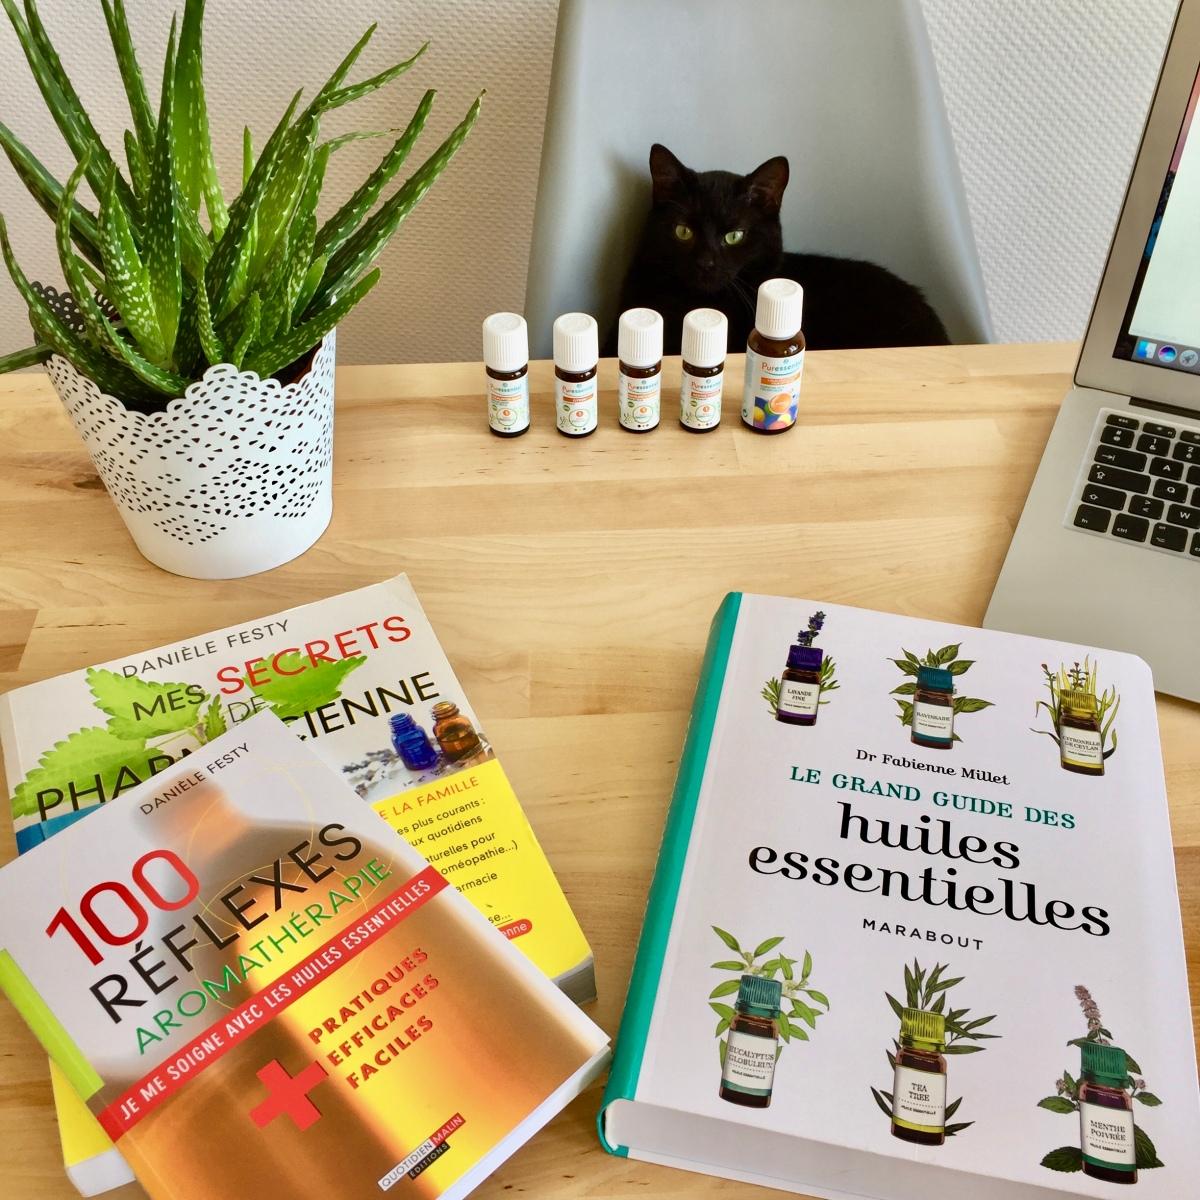 Intoxications aux huiles essentielles en hausse... Quelques conseils pour une utilisation responsable !